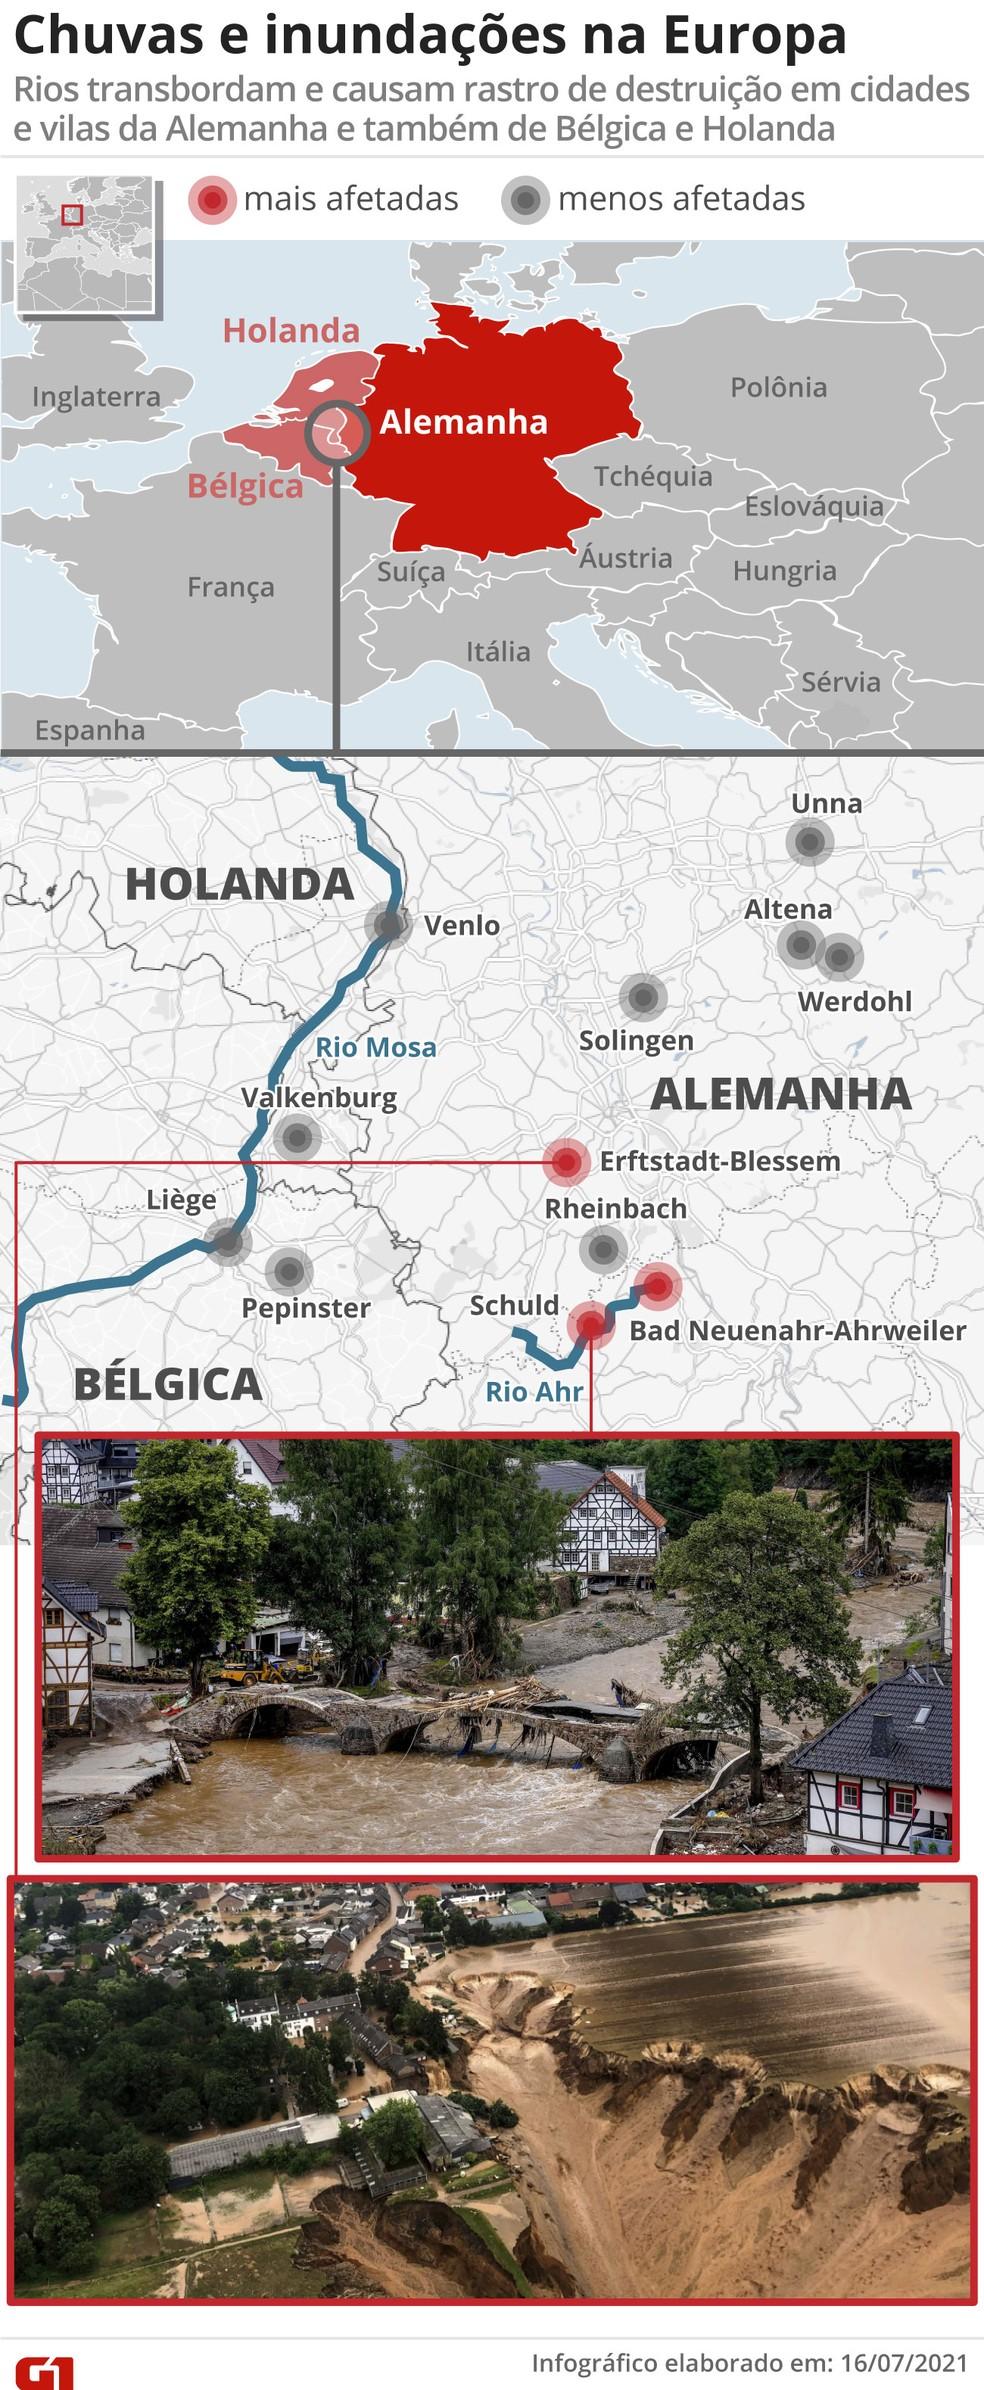 V2 Chuvas e inundações na Europa: temporal deixa dezenas de mortos na Alemanha e na Bélgica e afeta cidades também na Holanda e na França — Foto: Editoria de Arte/G1